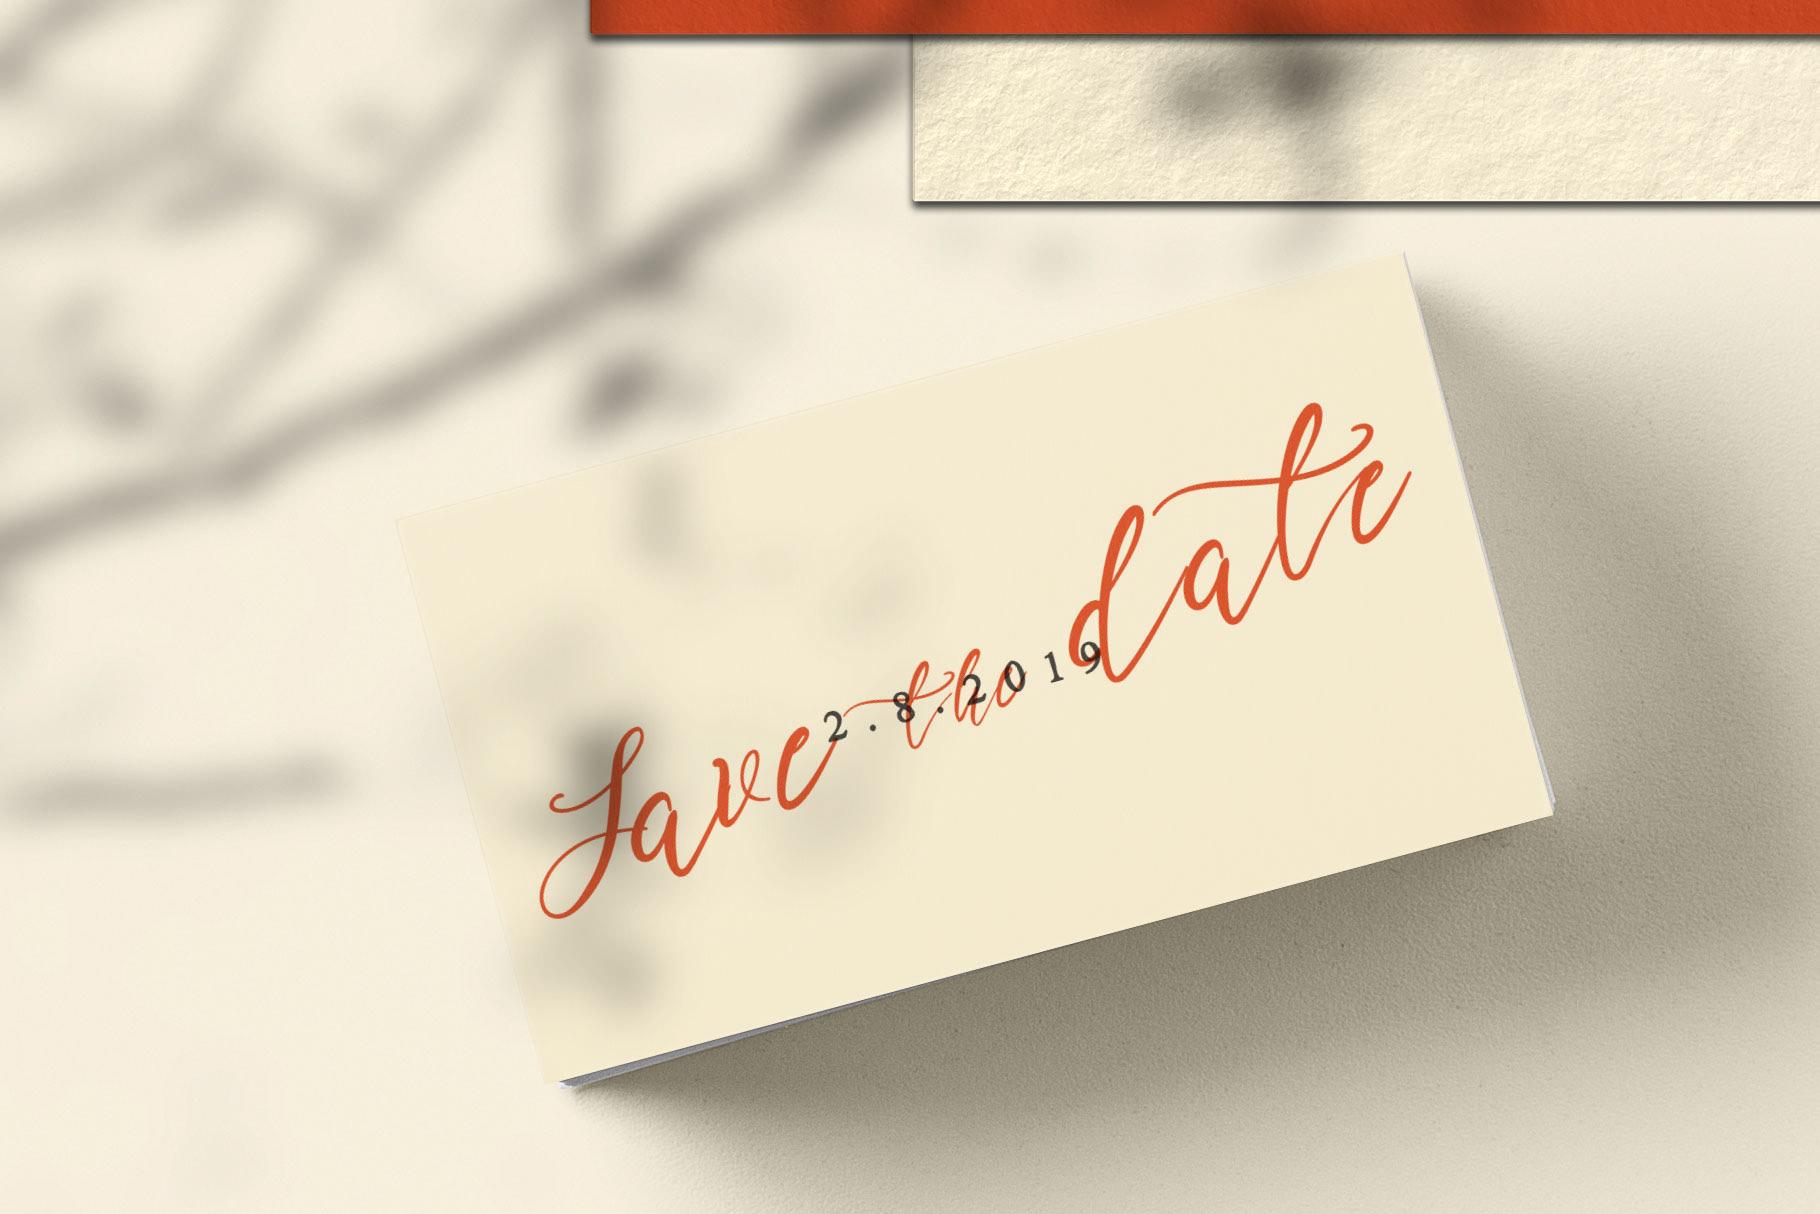 Lukara Free Handwritten Font - script